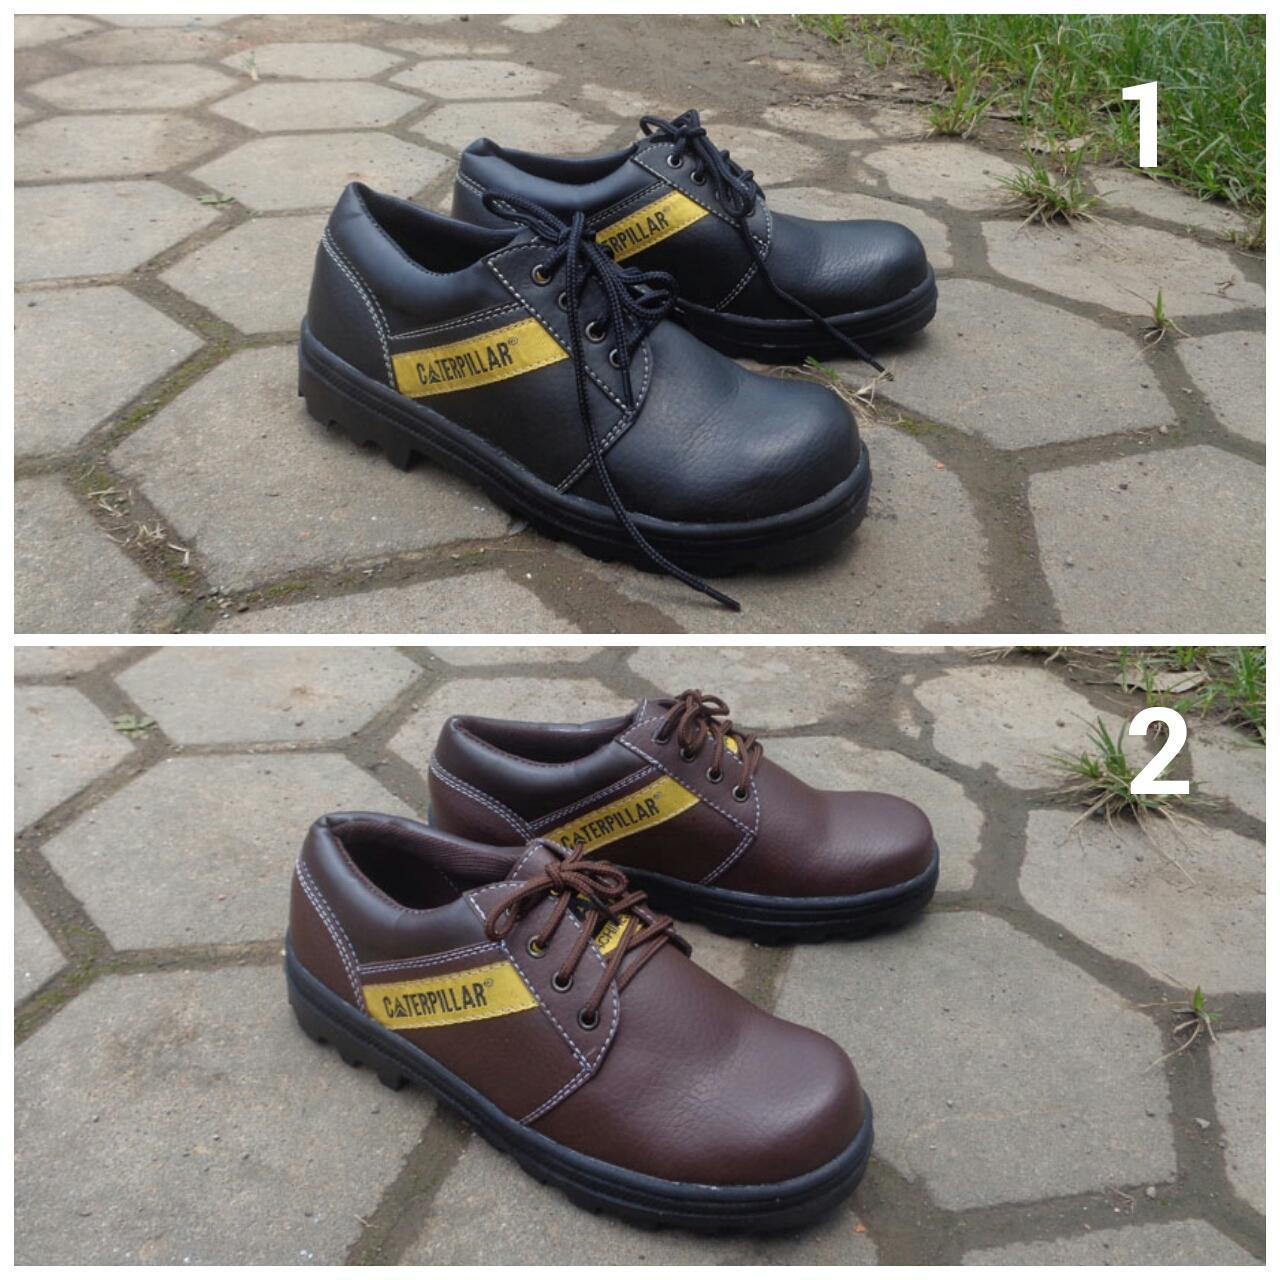 Bestseller Sepatu Caterpillar Safety Pendek Kalio Bahan Licin Paling Laku